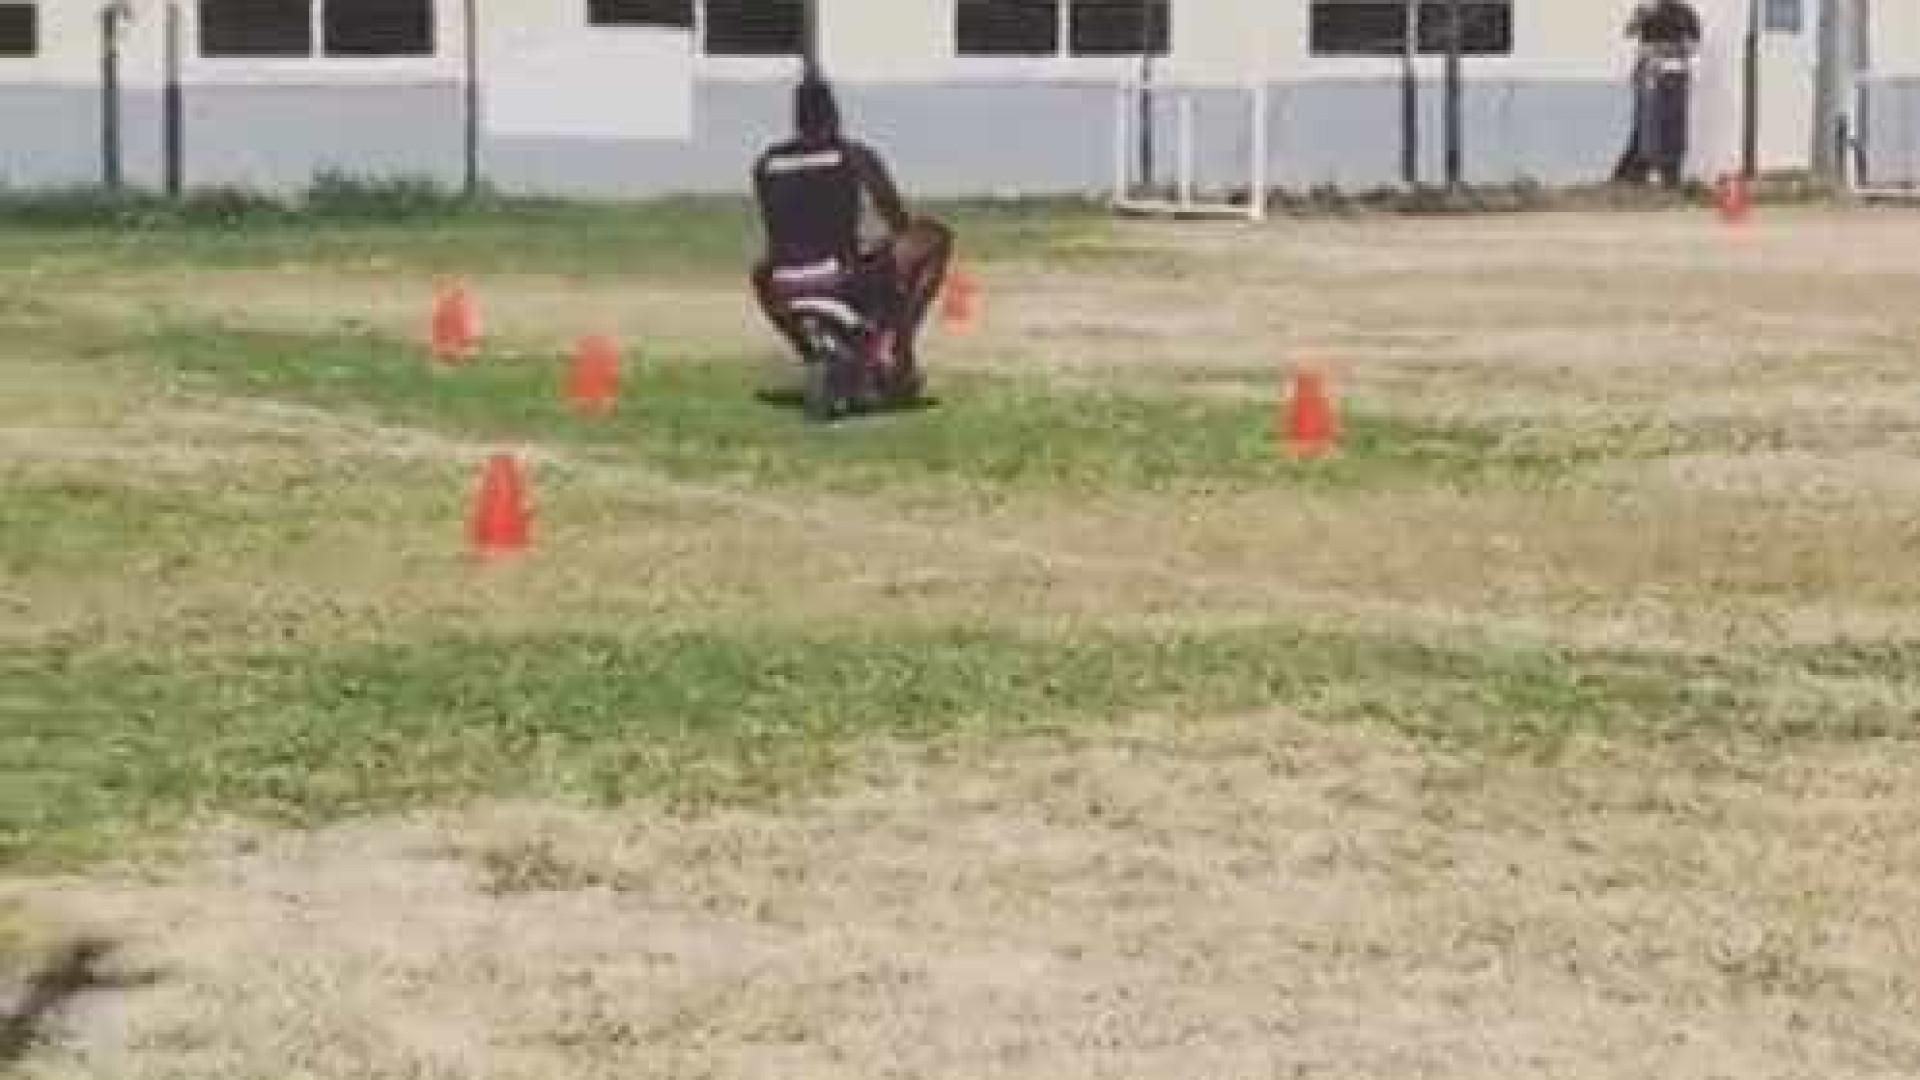 Balotteli volta a agitar redes sociais: Uma corrida de mini motos